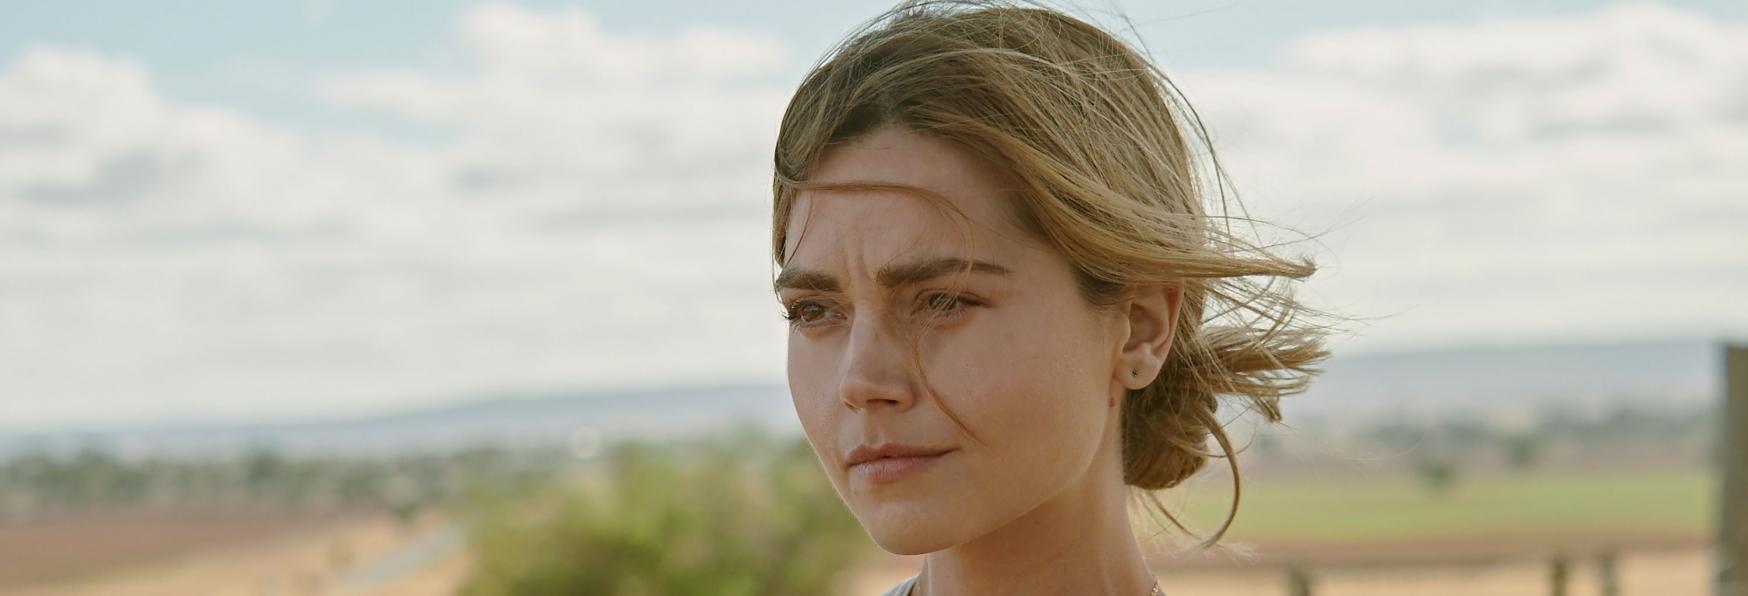 The War Rooms: Jenna Coleman nel Cast della nuova Serie TV di David Parfitt, David Chidlow e Jamie Carmichael